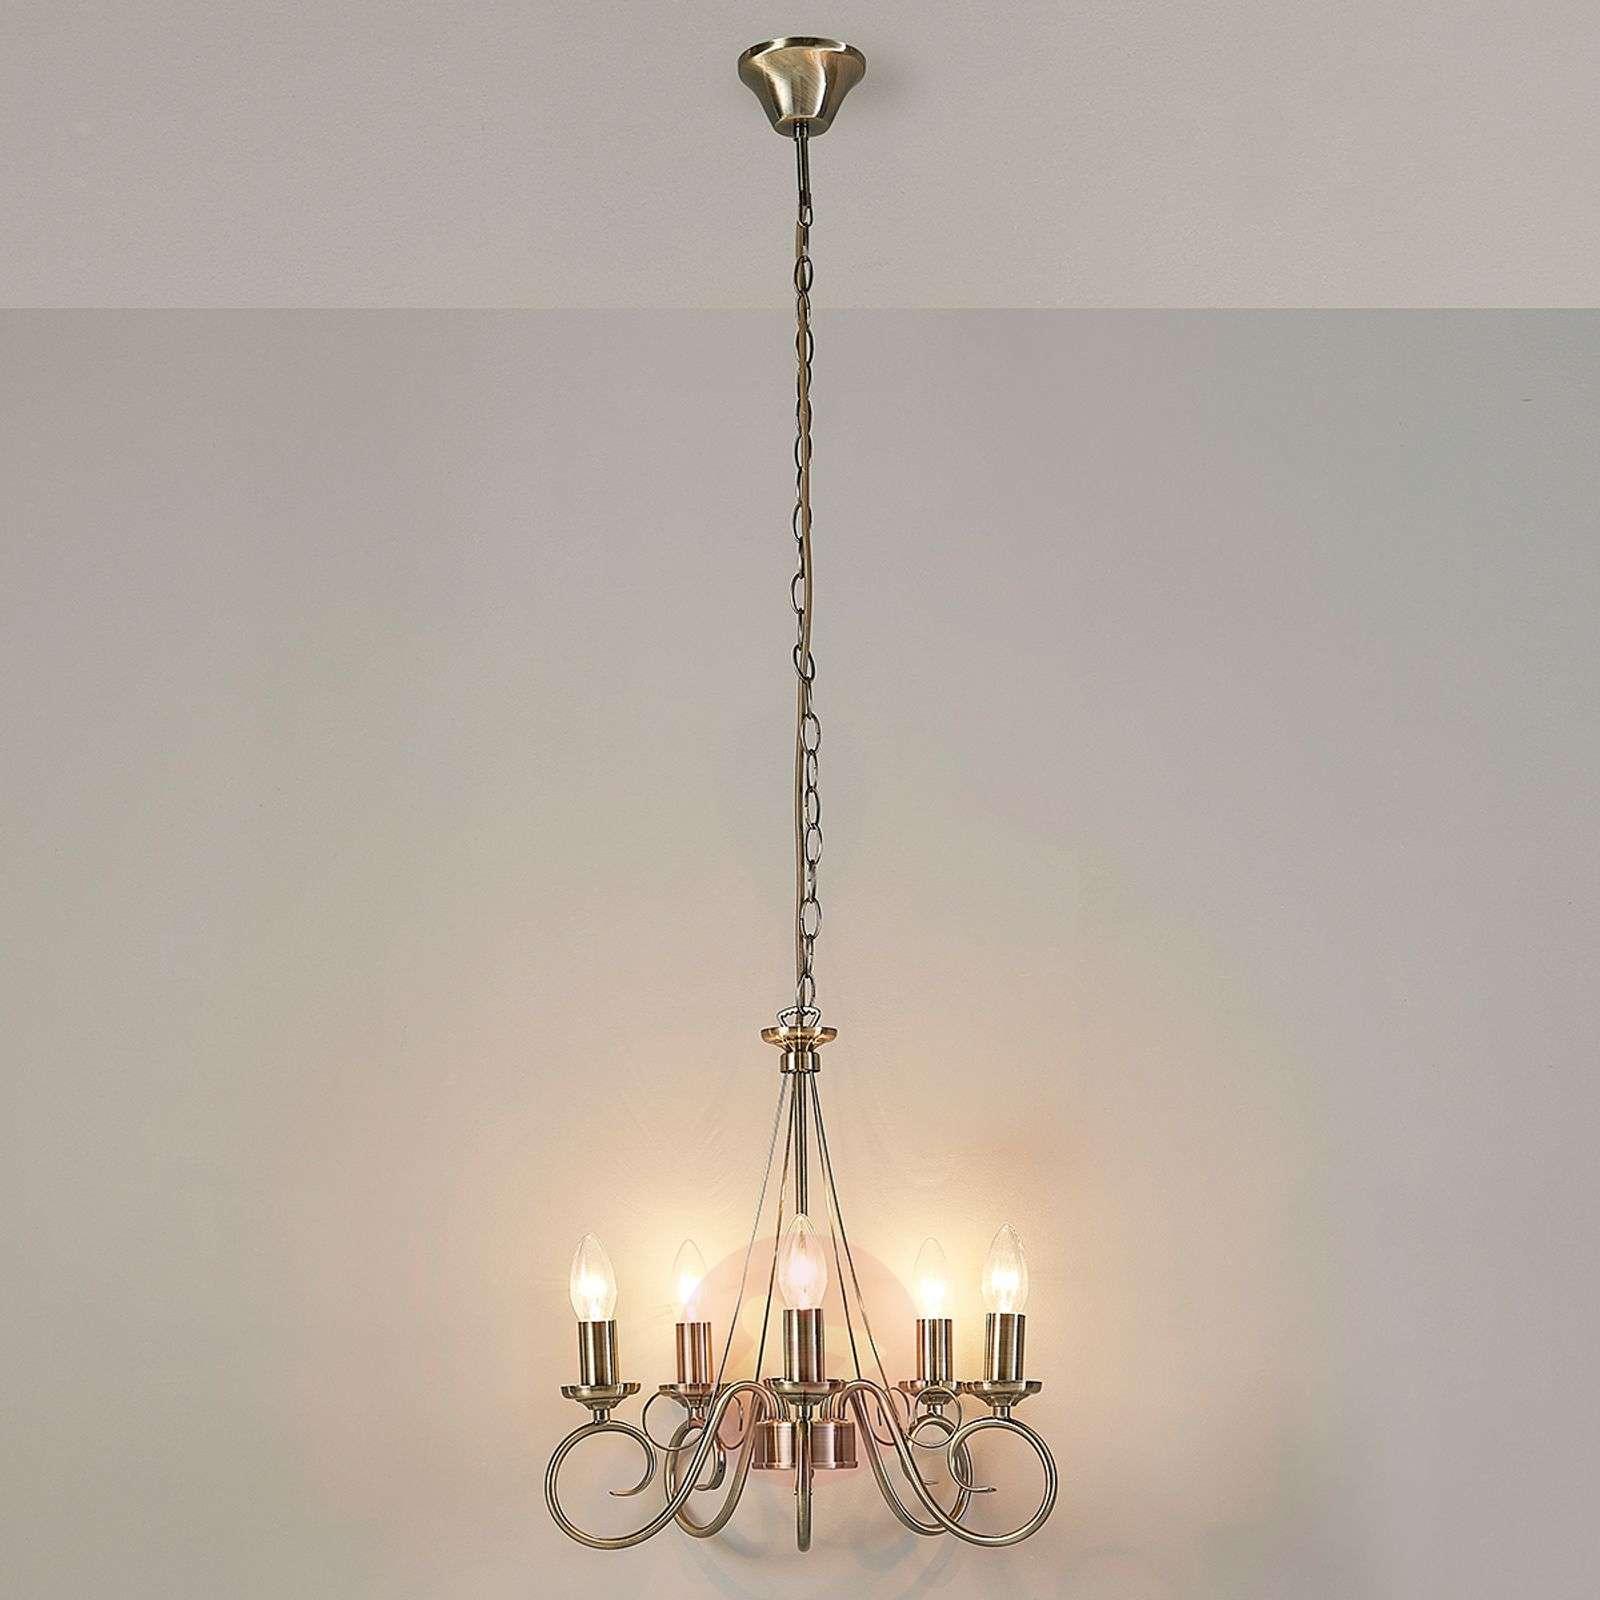 Tyylikäs Marnia-kruunu, vanha messinki, 5-lampp.-9621015-03